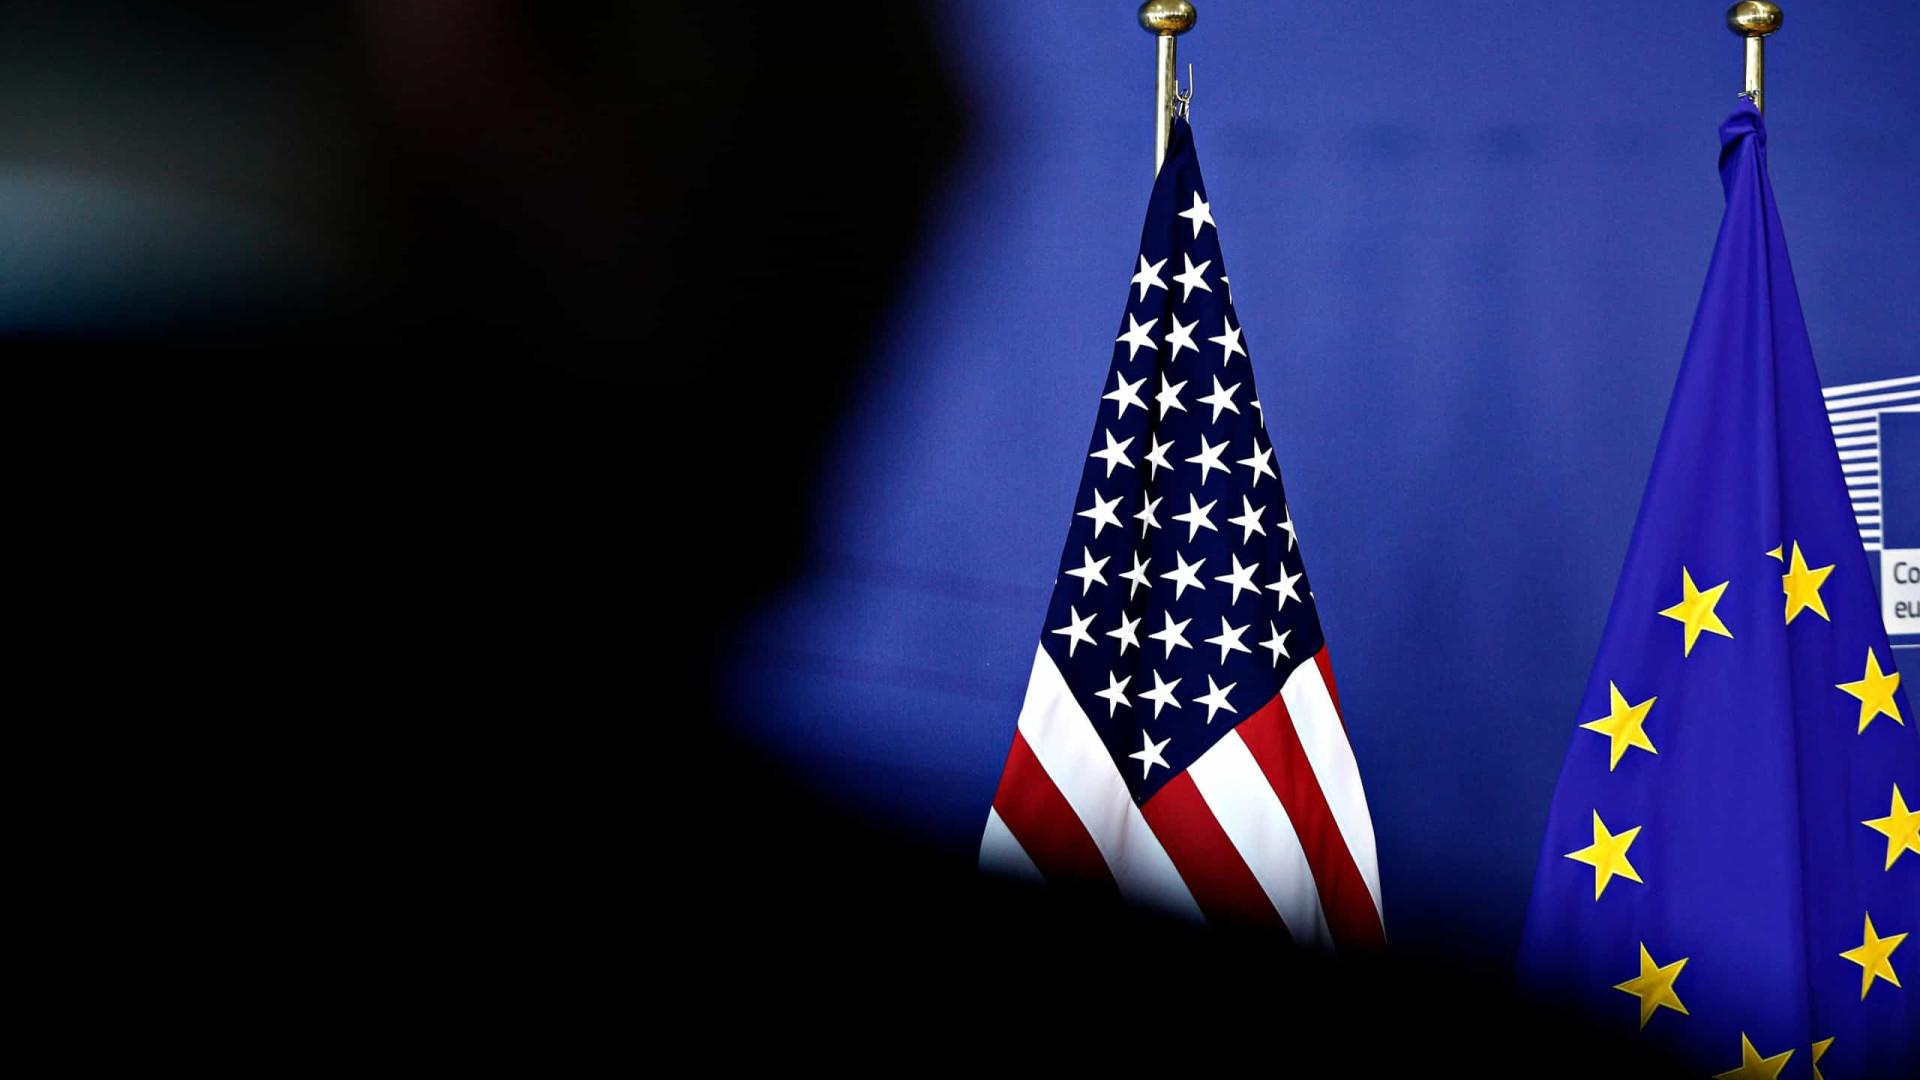 Agricultura: União Europeia e Estados Unidos anunciam acordo de cotas pós-Brexit